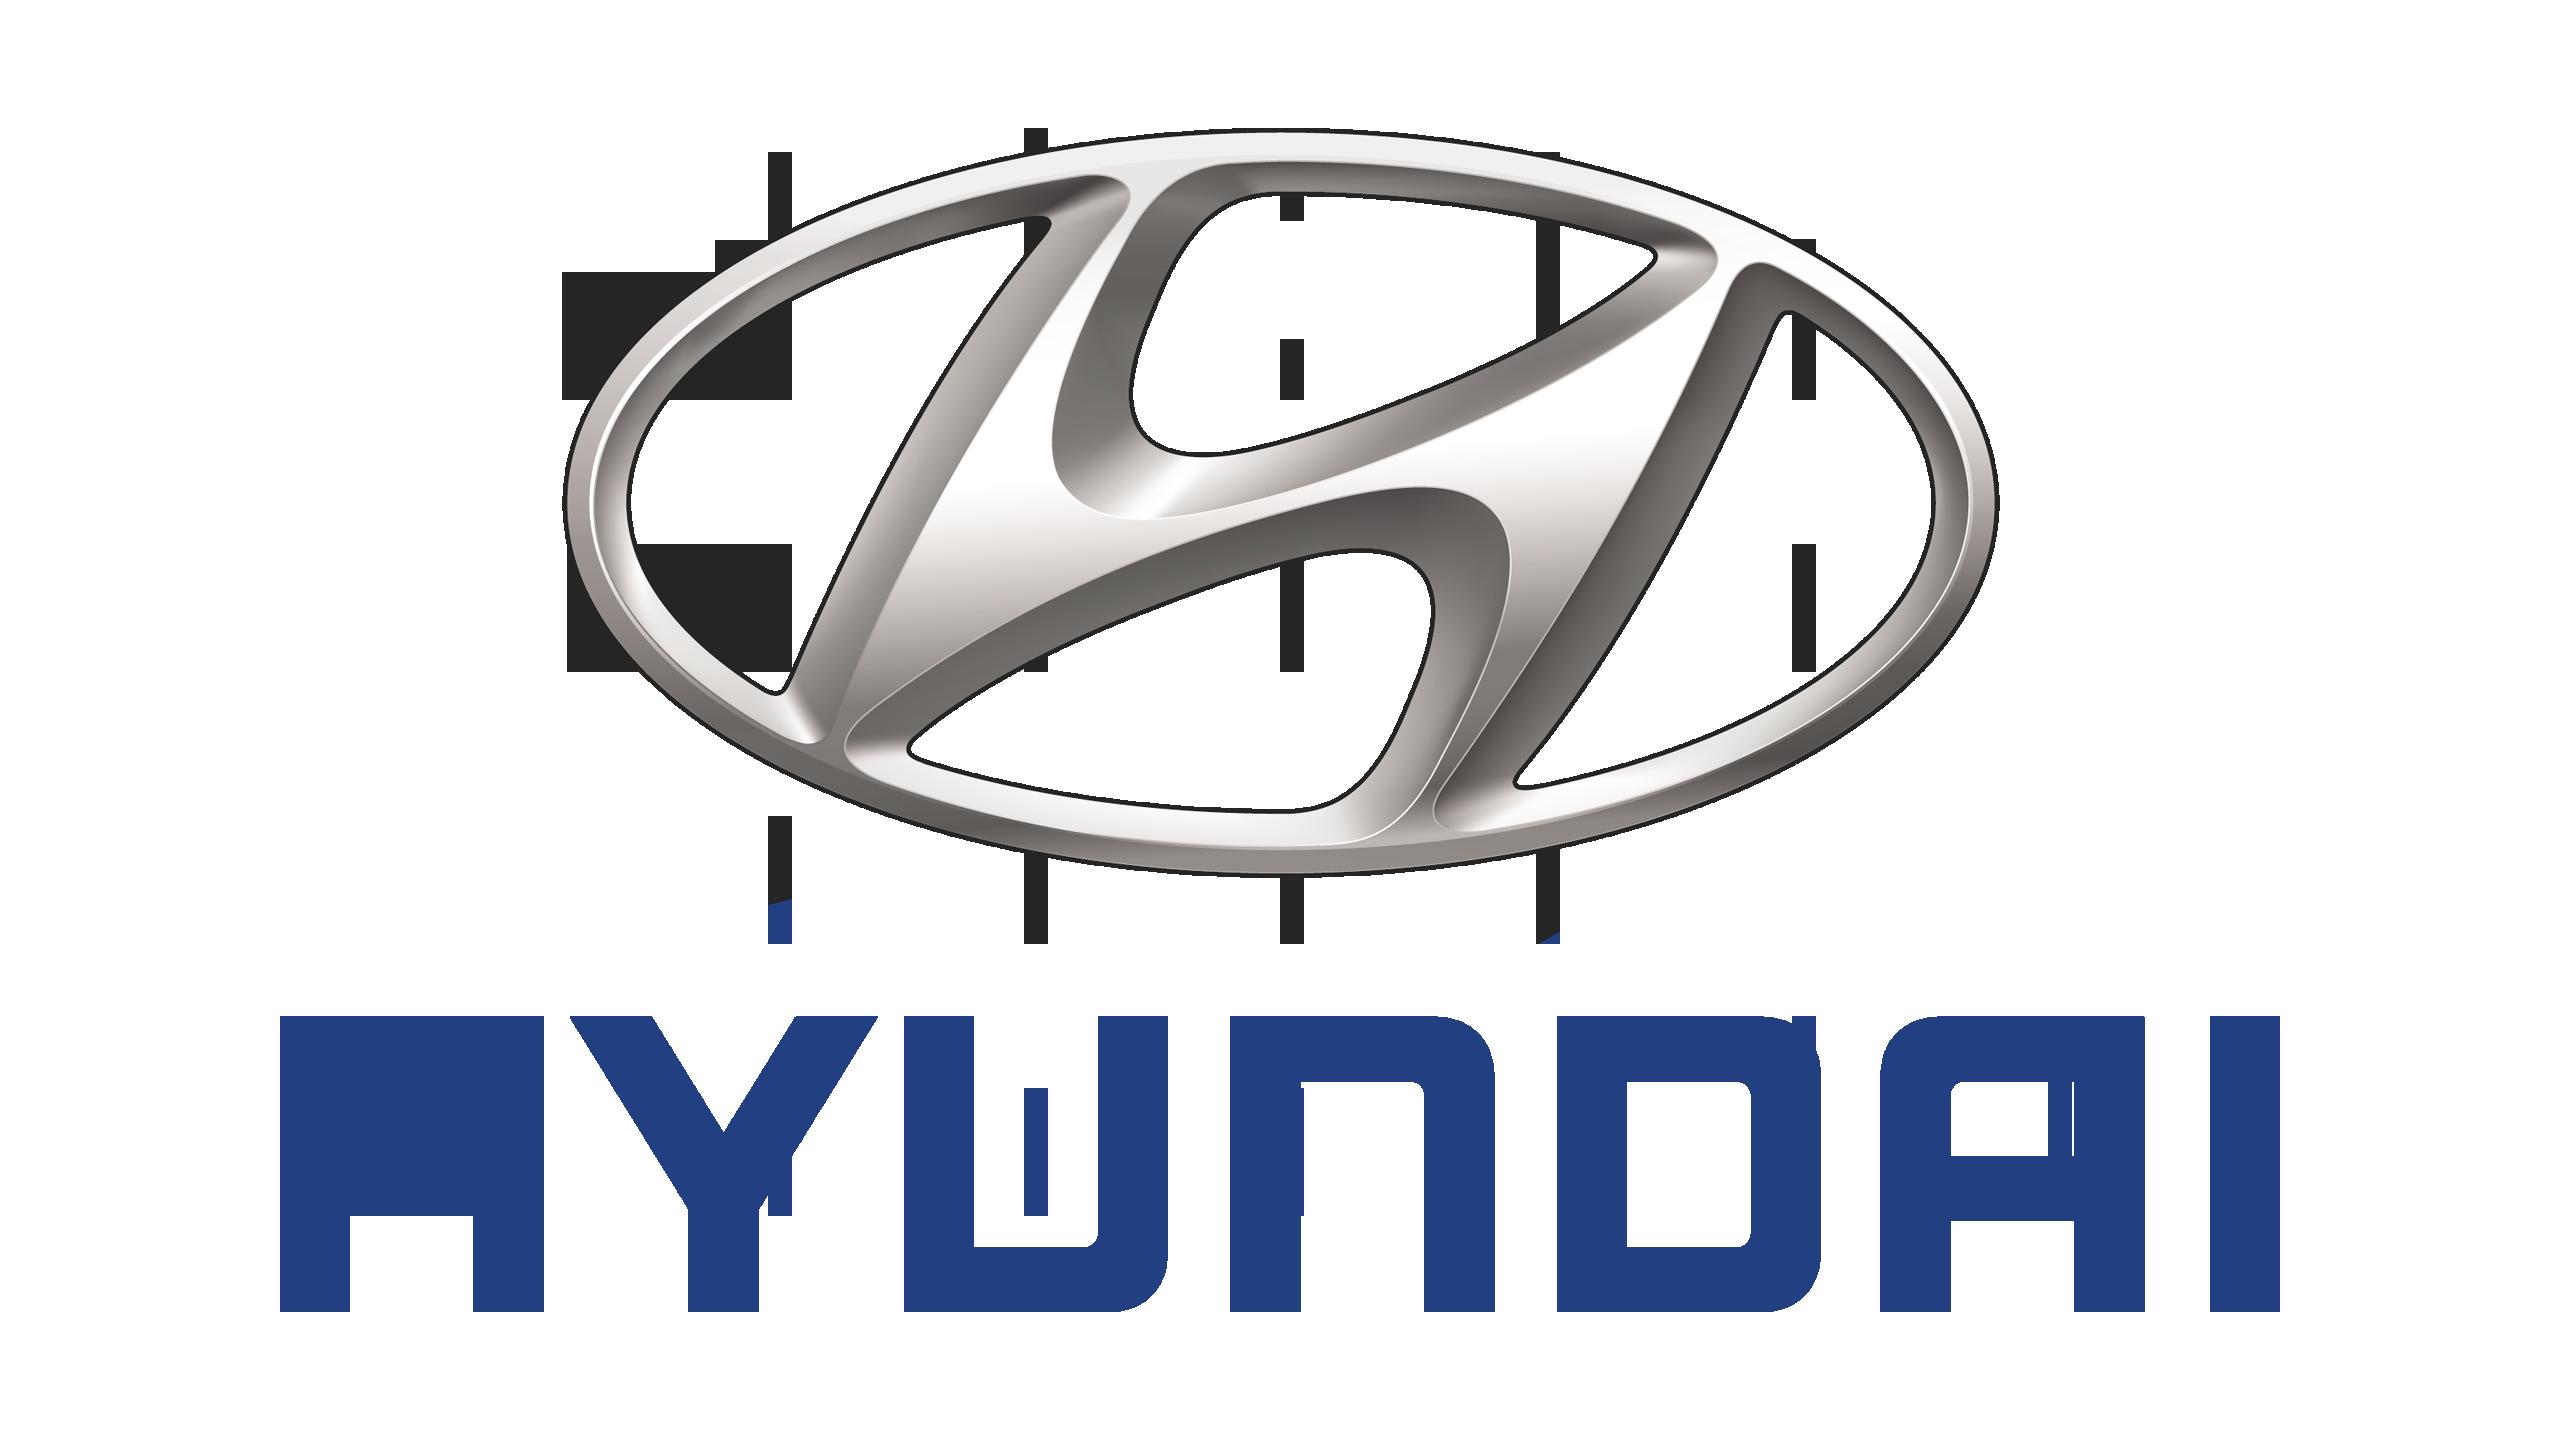 Hyundai Logo (Grey) 2560x1440 HD png - Hyundai Logo PNG